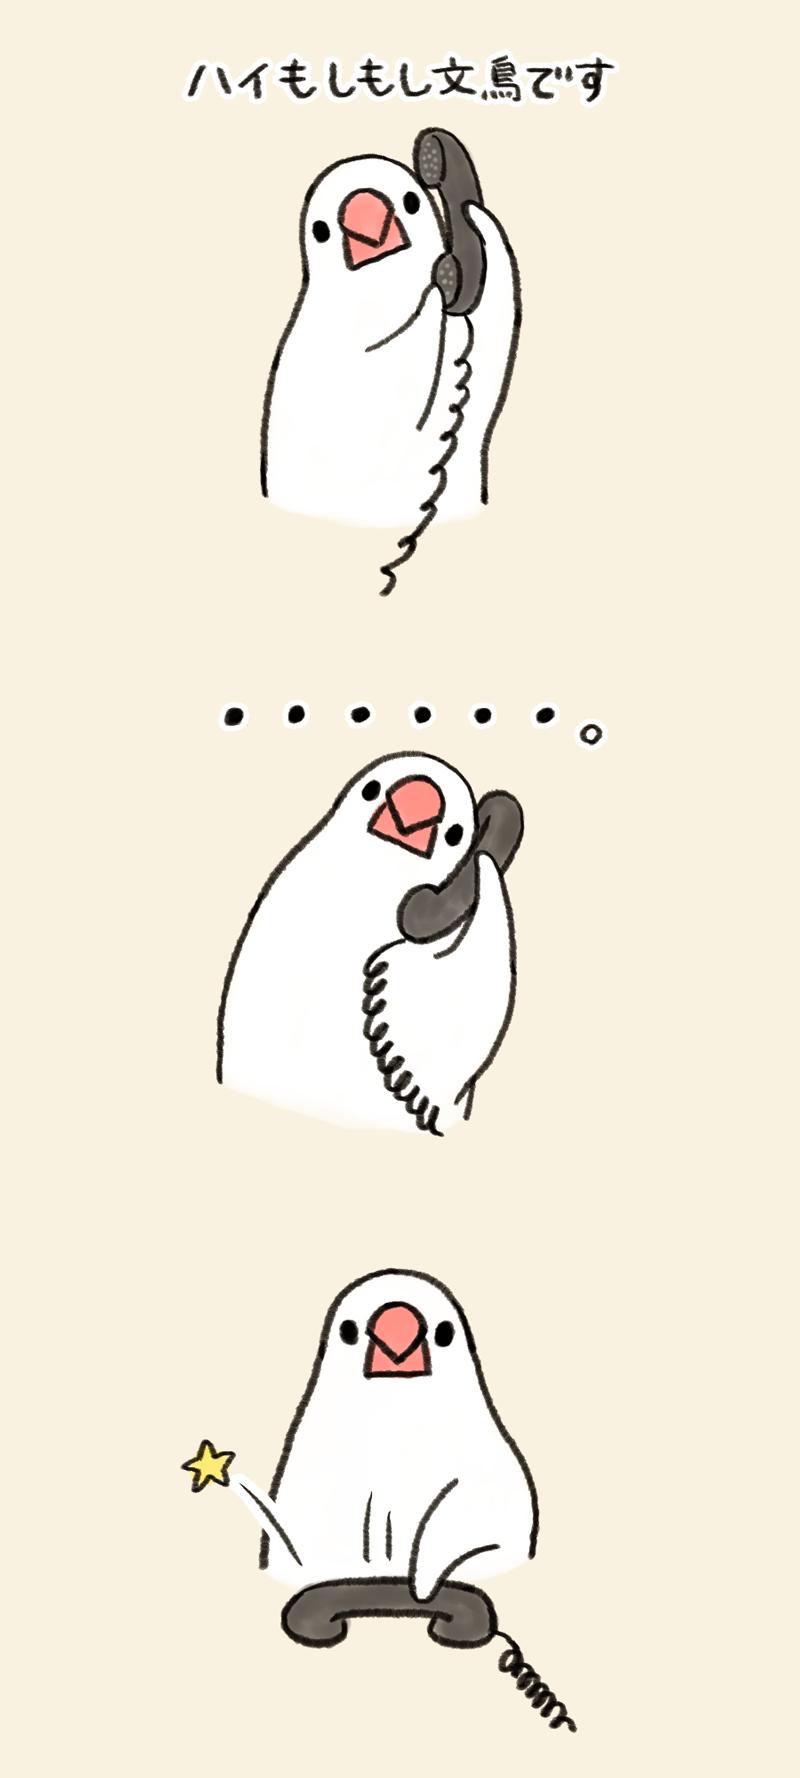 文鳥の電話番文鳥の無責任さはこんなかんじ 文鳥 イラスト